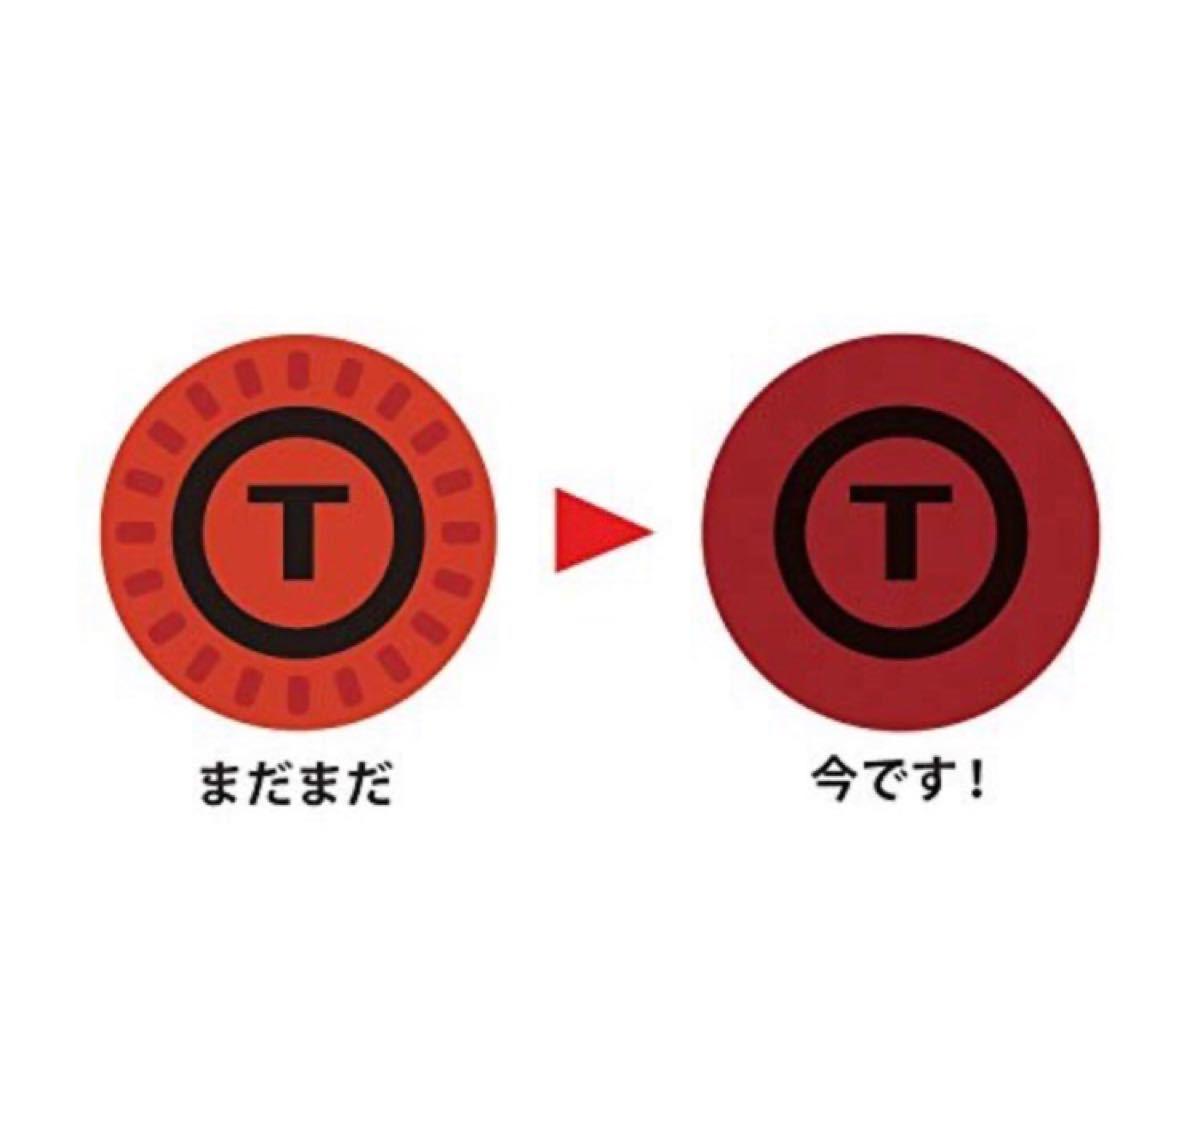 ティファール(T-fal) フライパンセット 「インジニオ・ネオ IHブルゴーニュ・エクセレンス」 セット9 IH対応